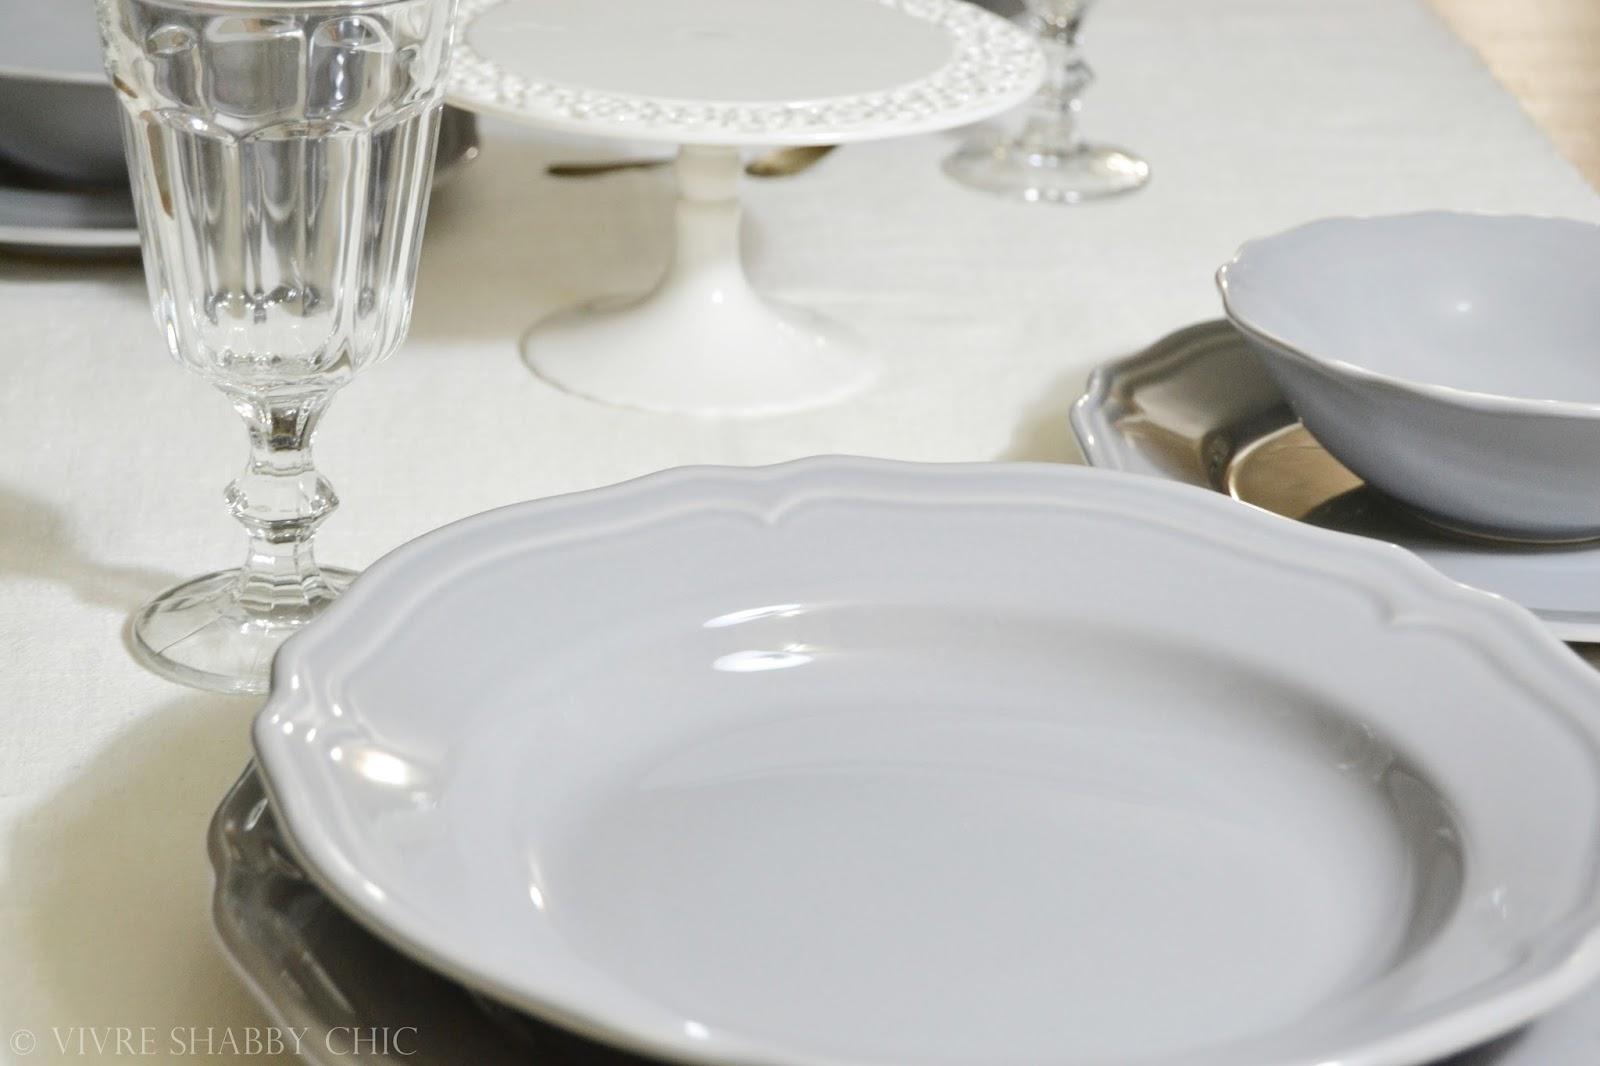 Vivre shabby chic shopping per la casa il mio nuovo - Servizio di piatti ikea ...